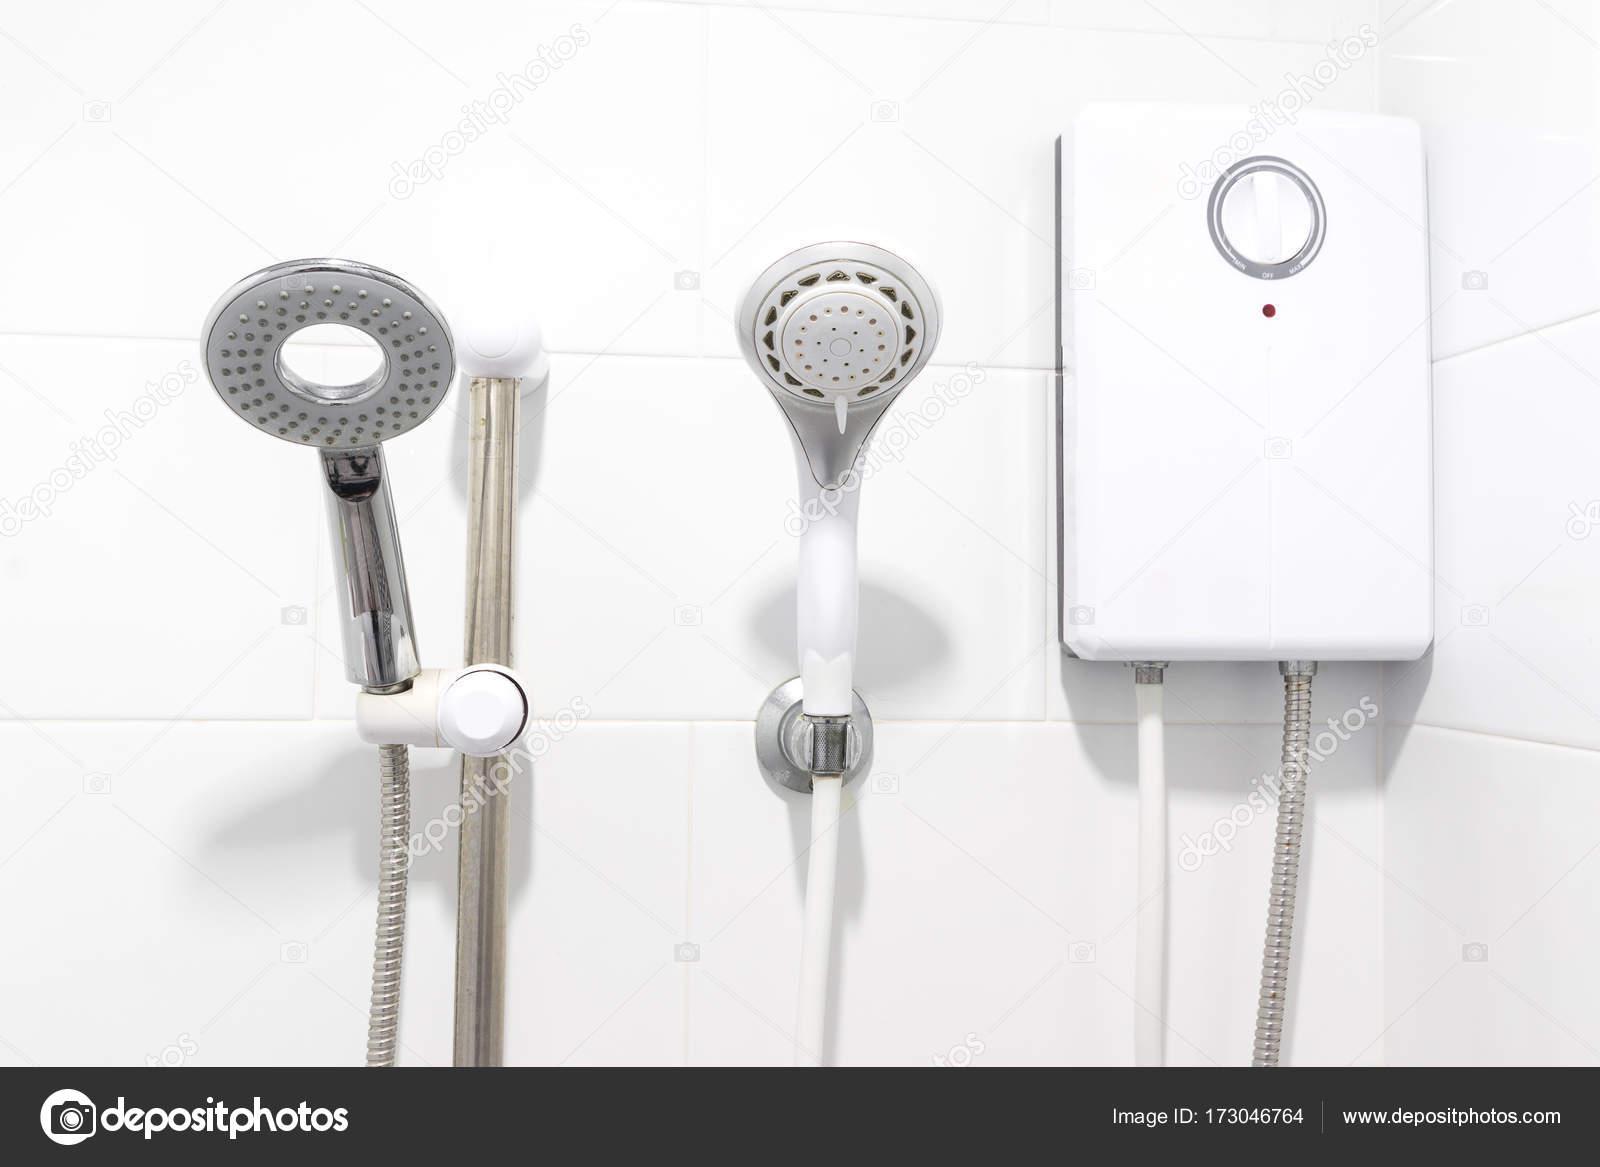 Durchlauferhitzer Badezimmer, dusche und durchlauferhitzer im weißen badezimmer — stockfoto, Design ideen